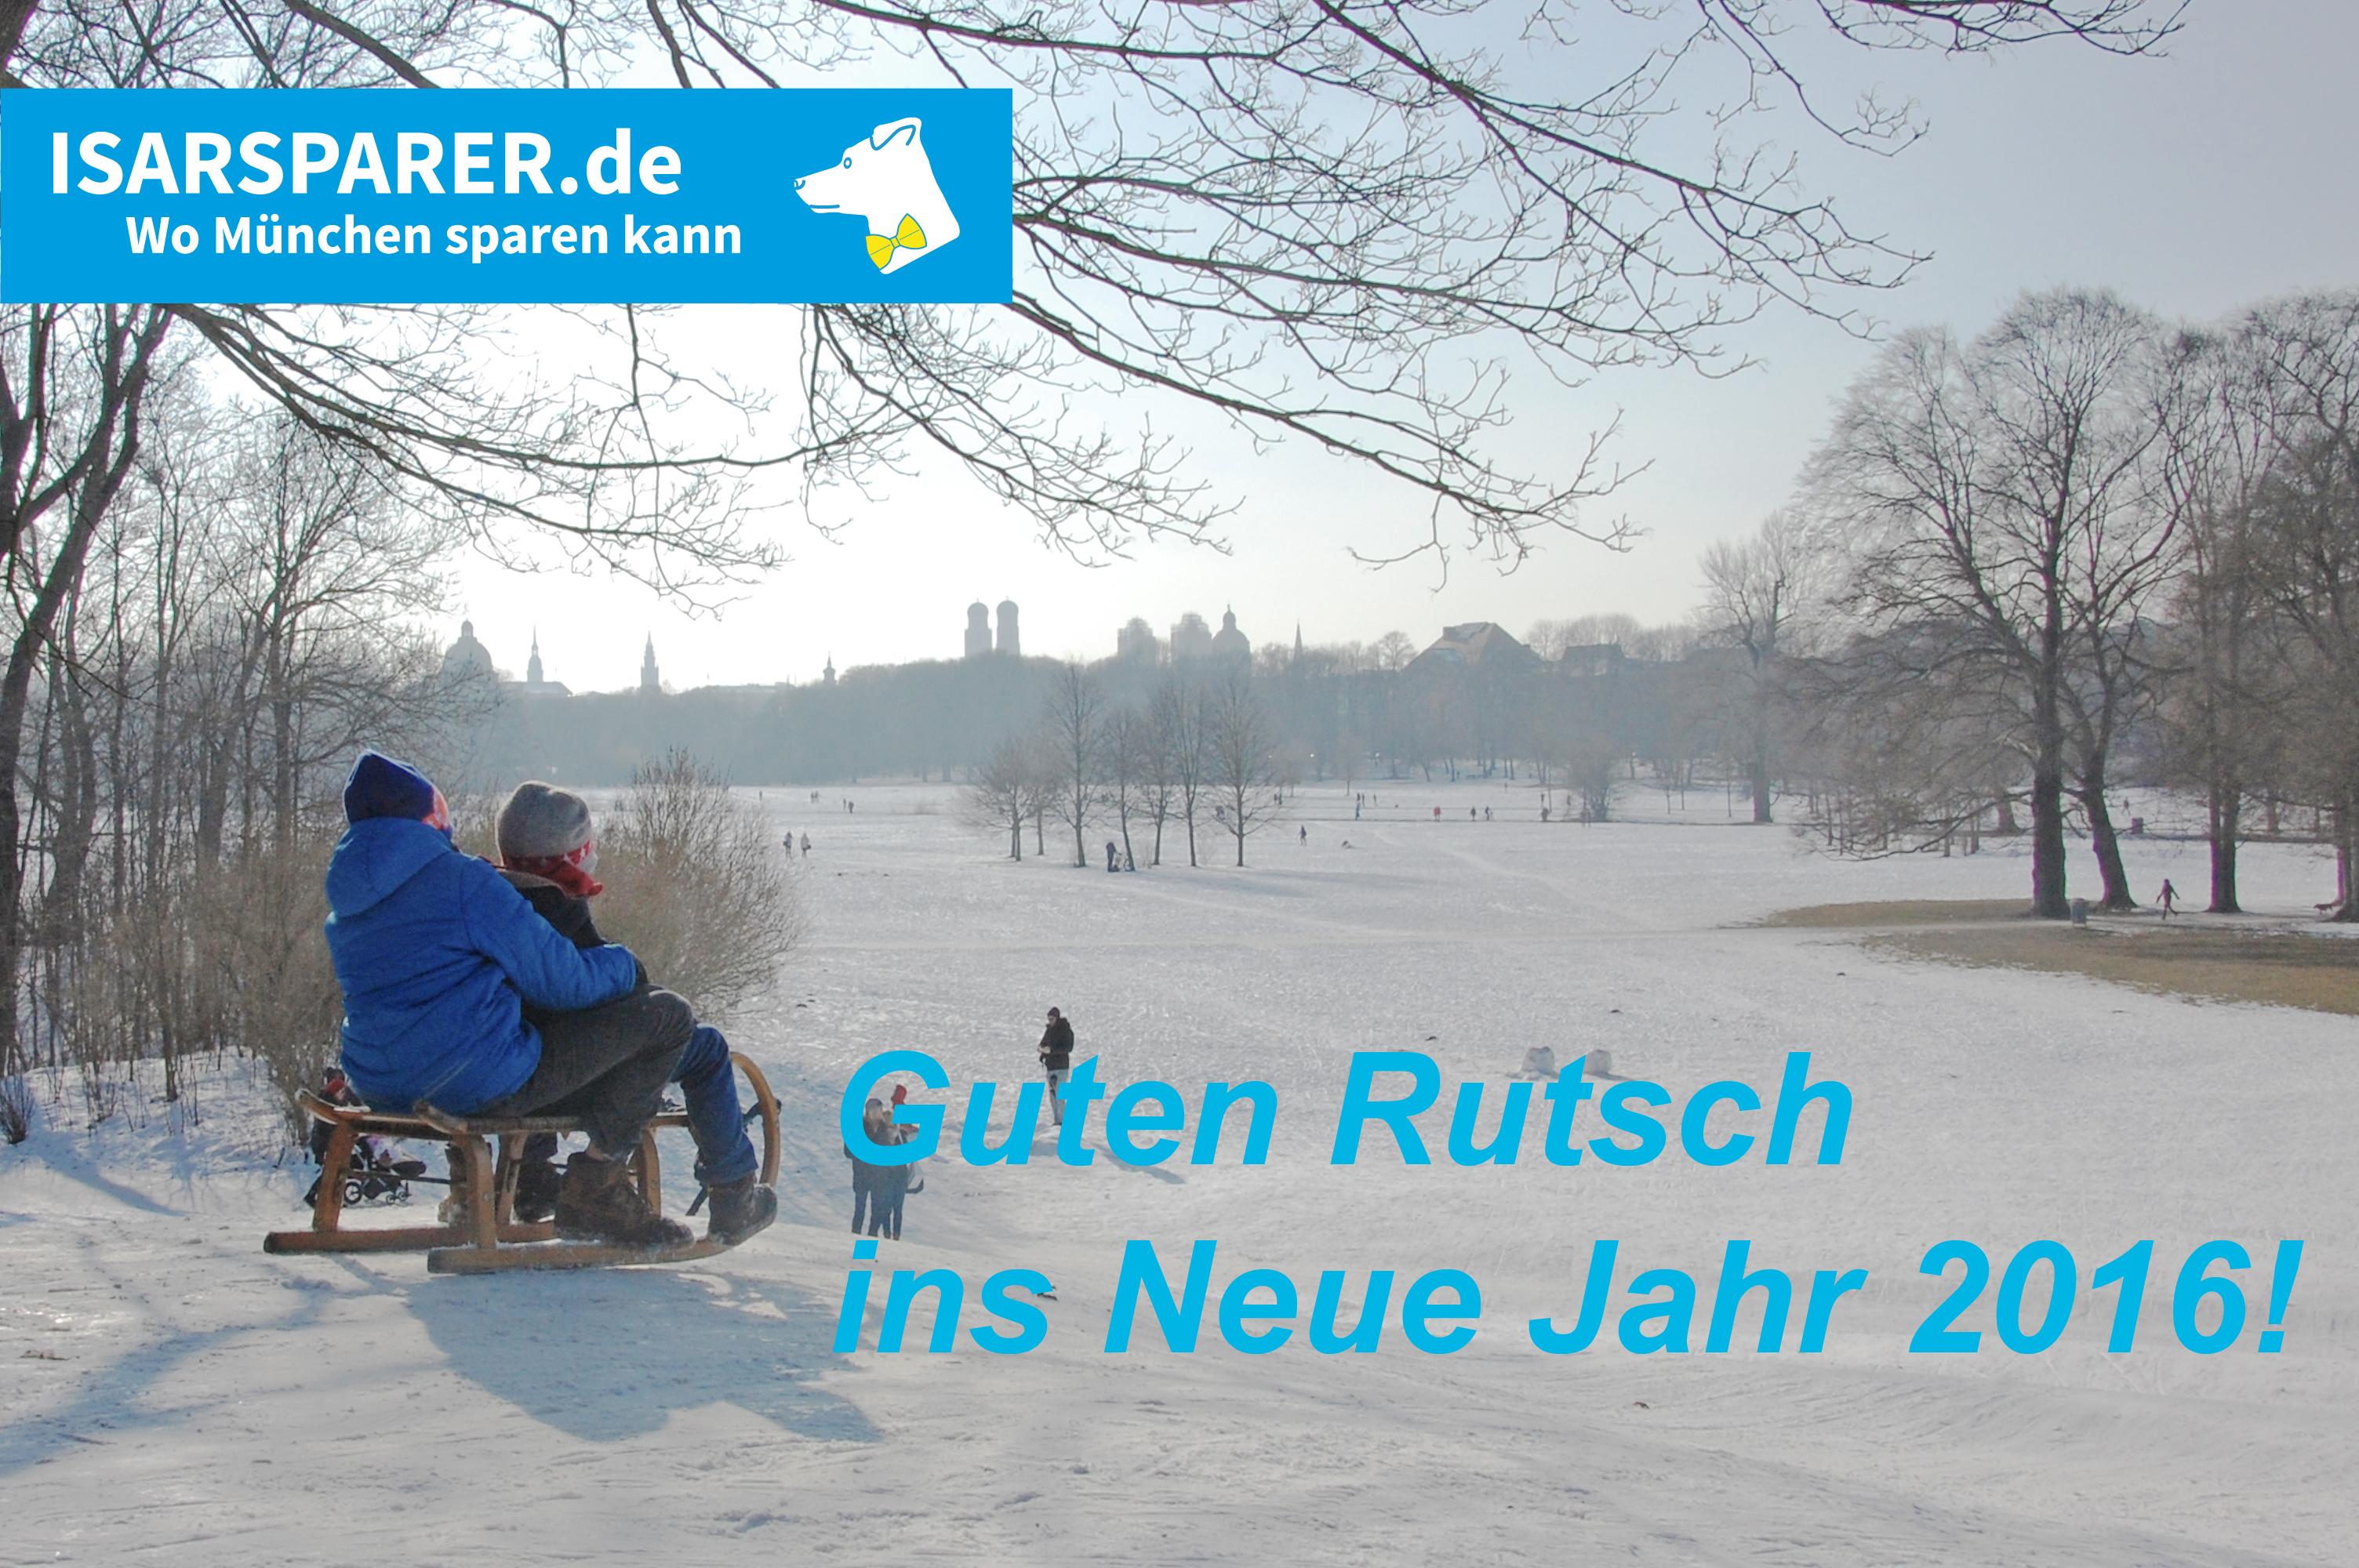 Rutsch auch gut ins Neue Jahr - in dem wir wie gewohnt für euch da sein werden (Foto: Winderl)